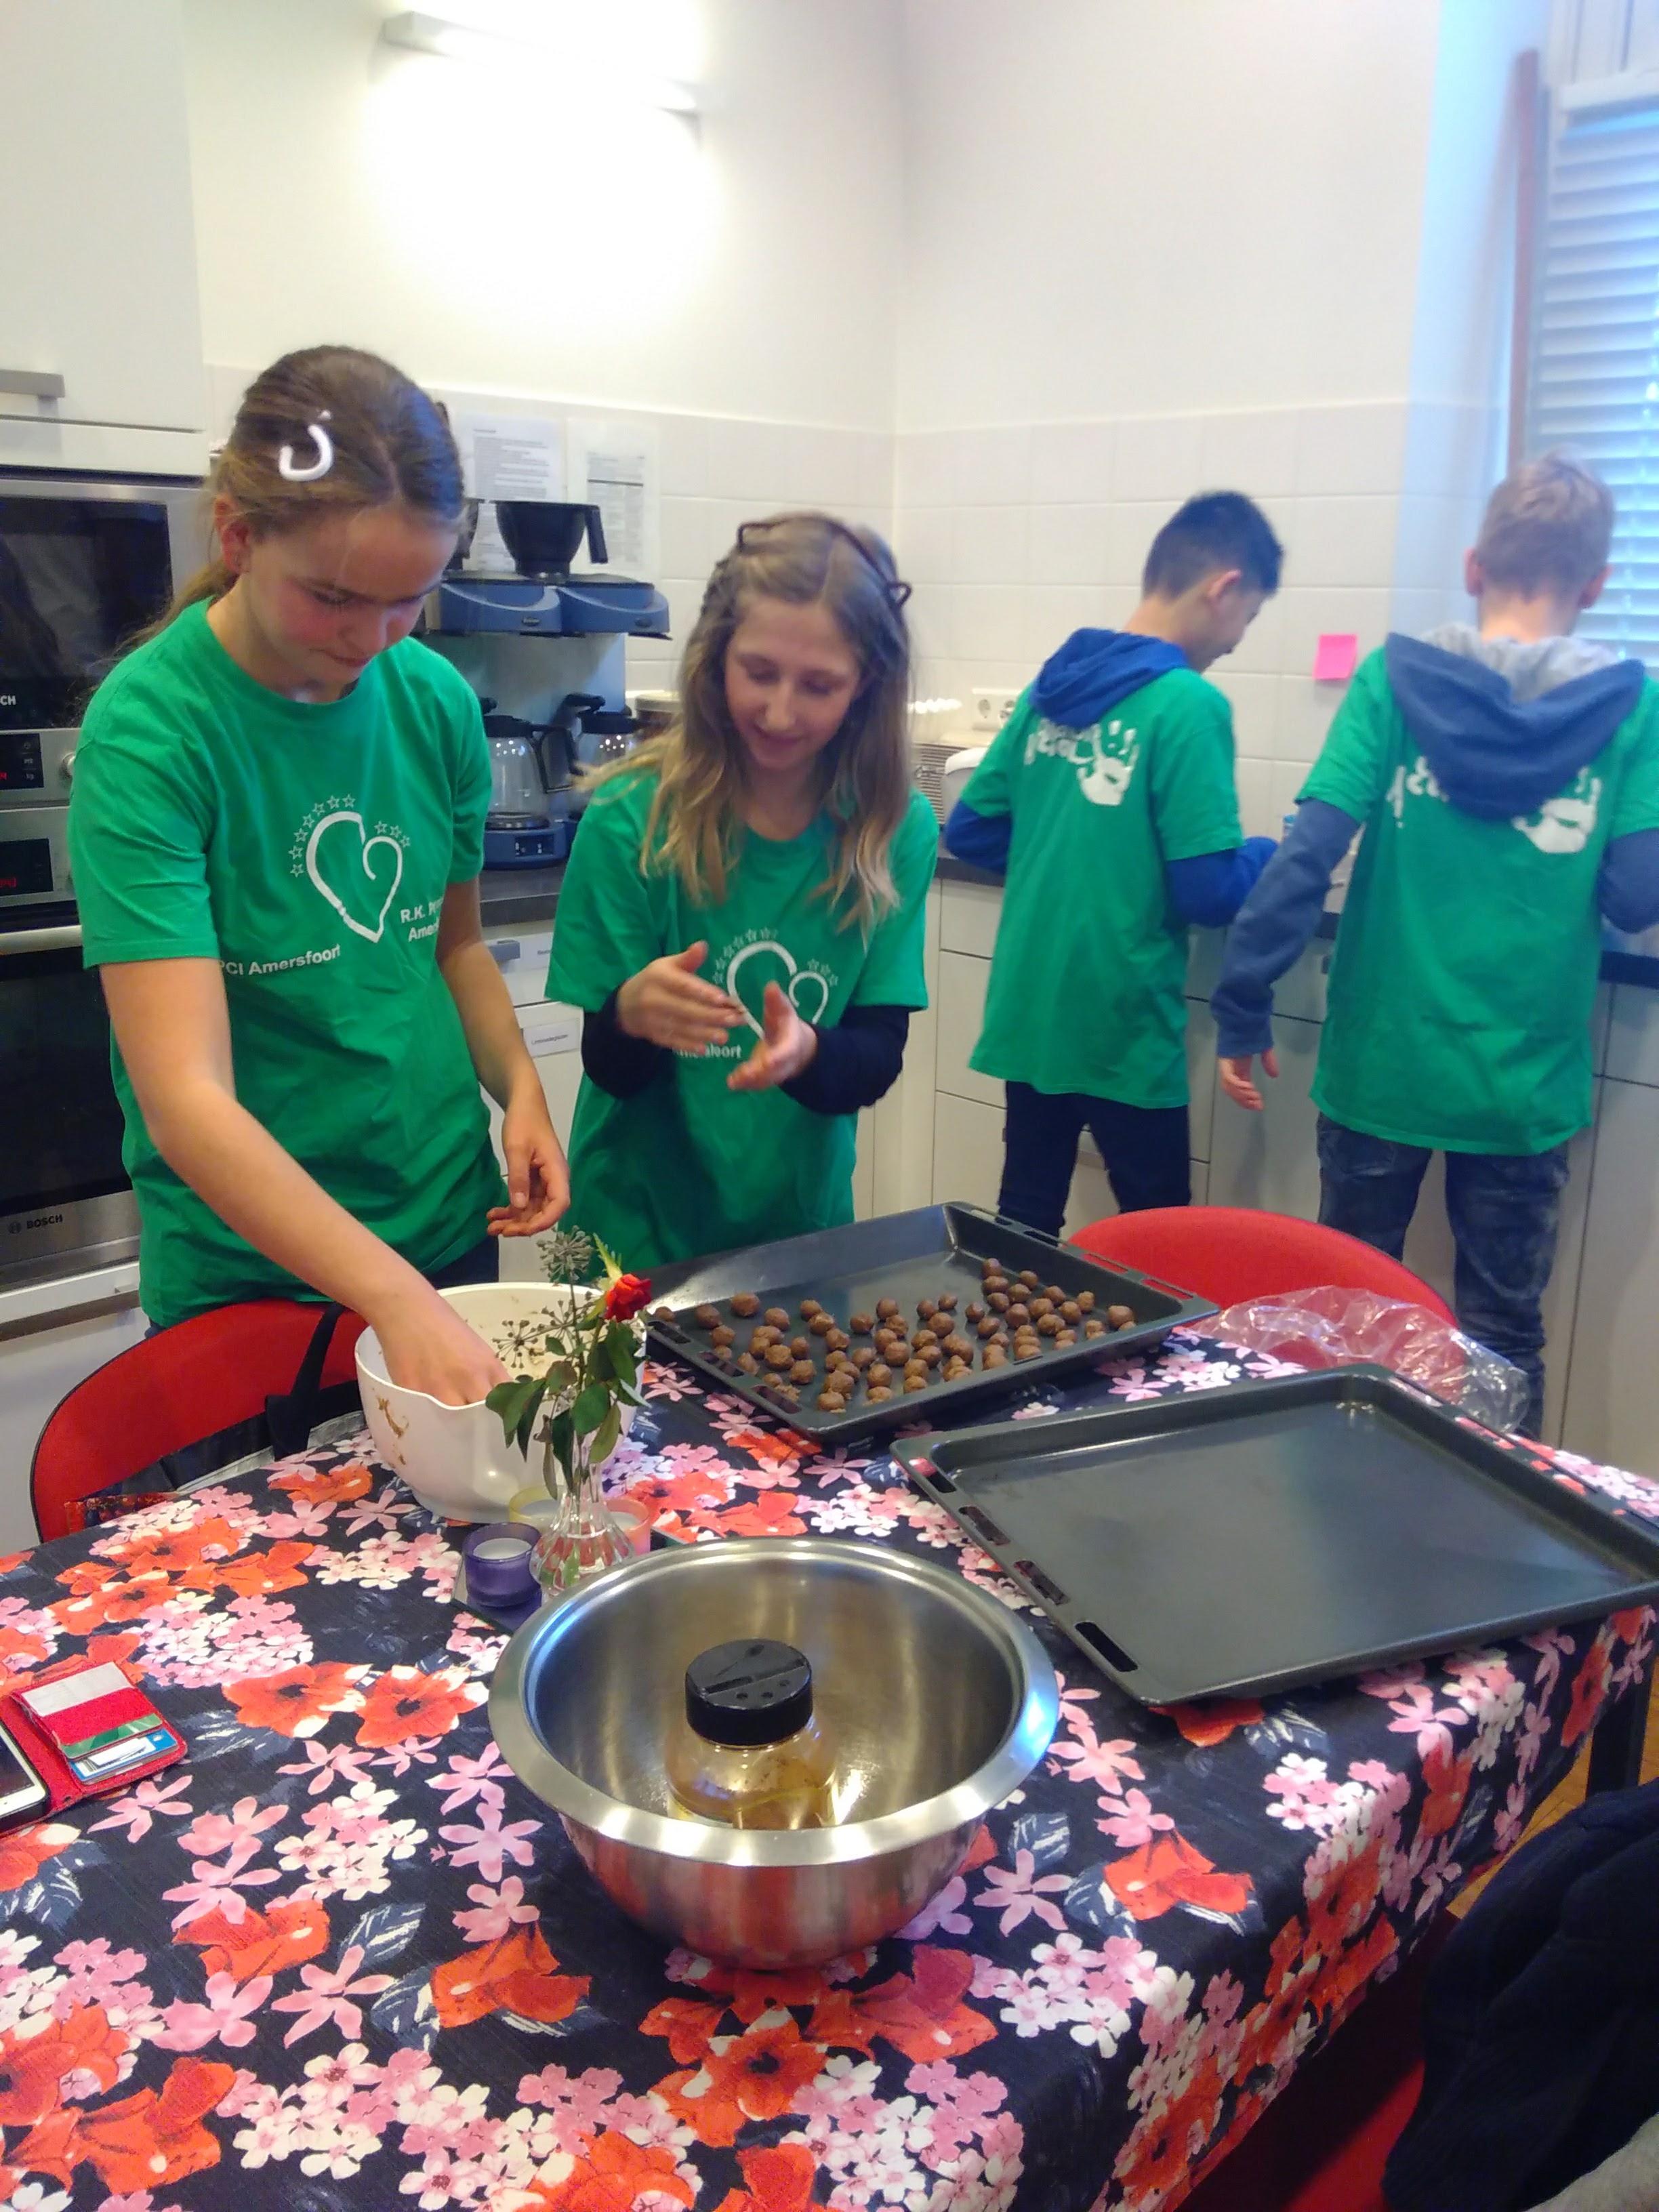 De jongste groep bakte pepernoten voor parochianen